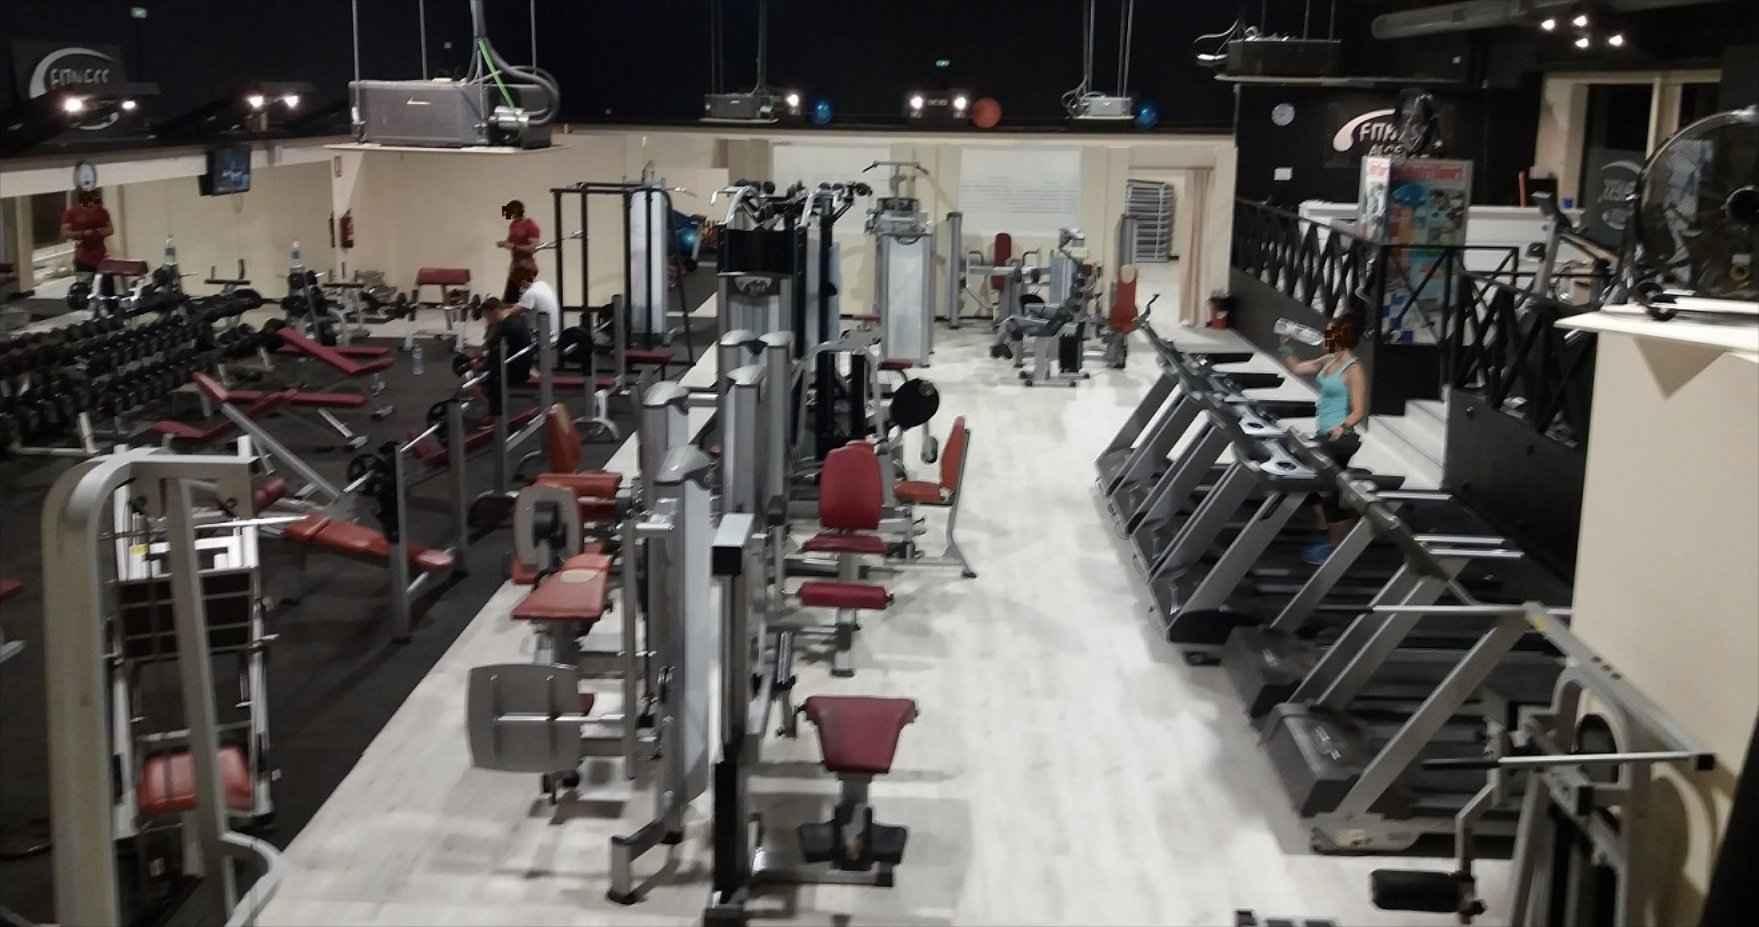 Gente entrenando en sala de musculación y cardio, cinta de andar, pesas, mancuernas.